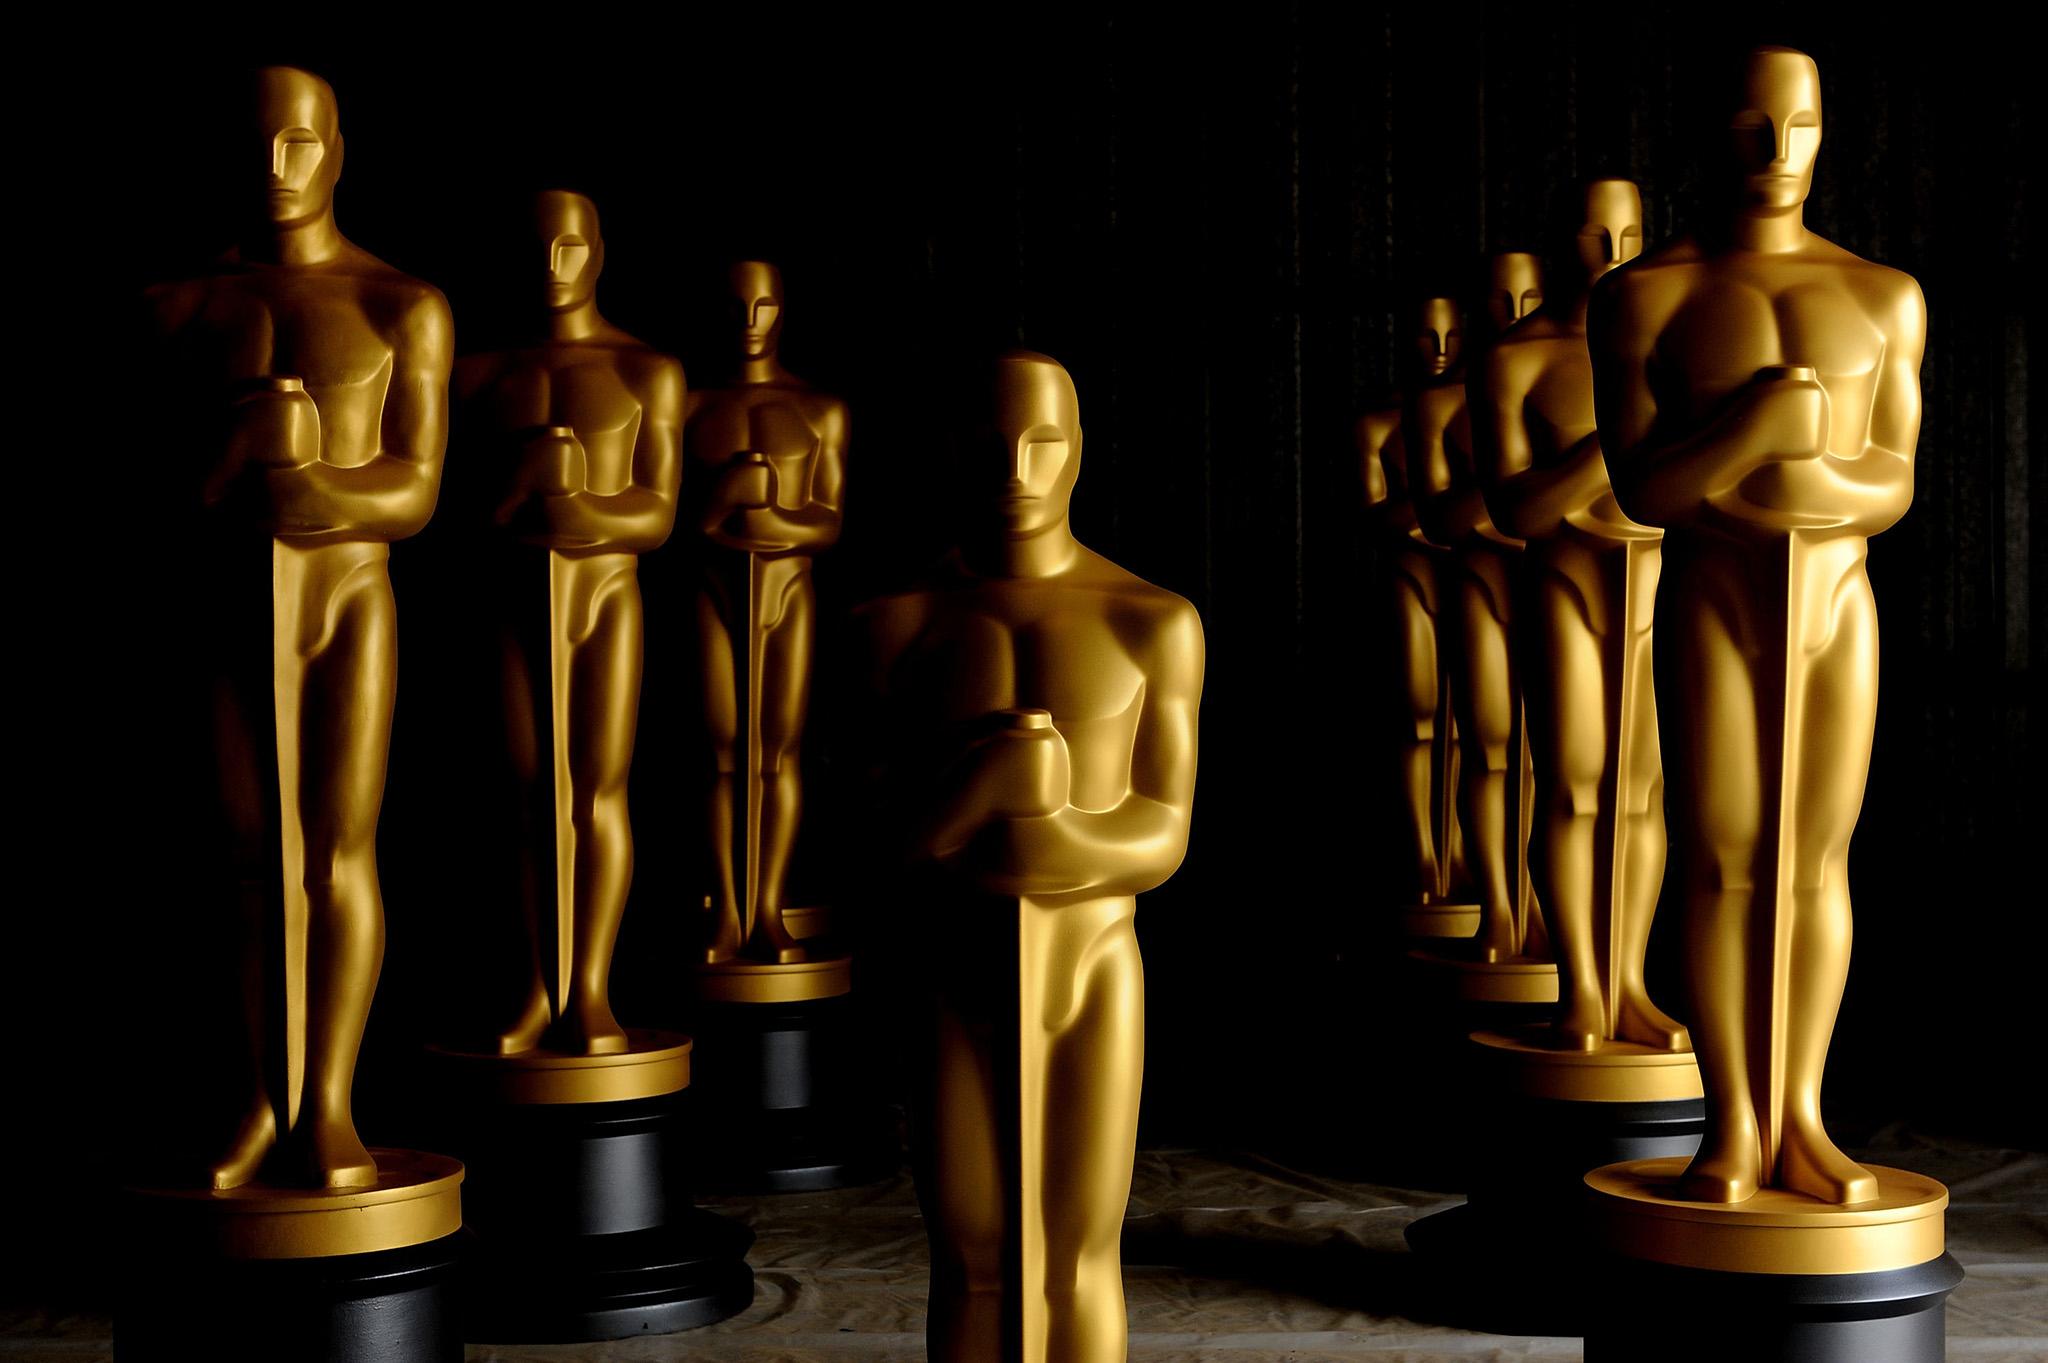 Возращение в 1989: «Оскар-2019» пройдет без ведущего